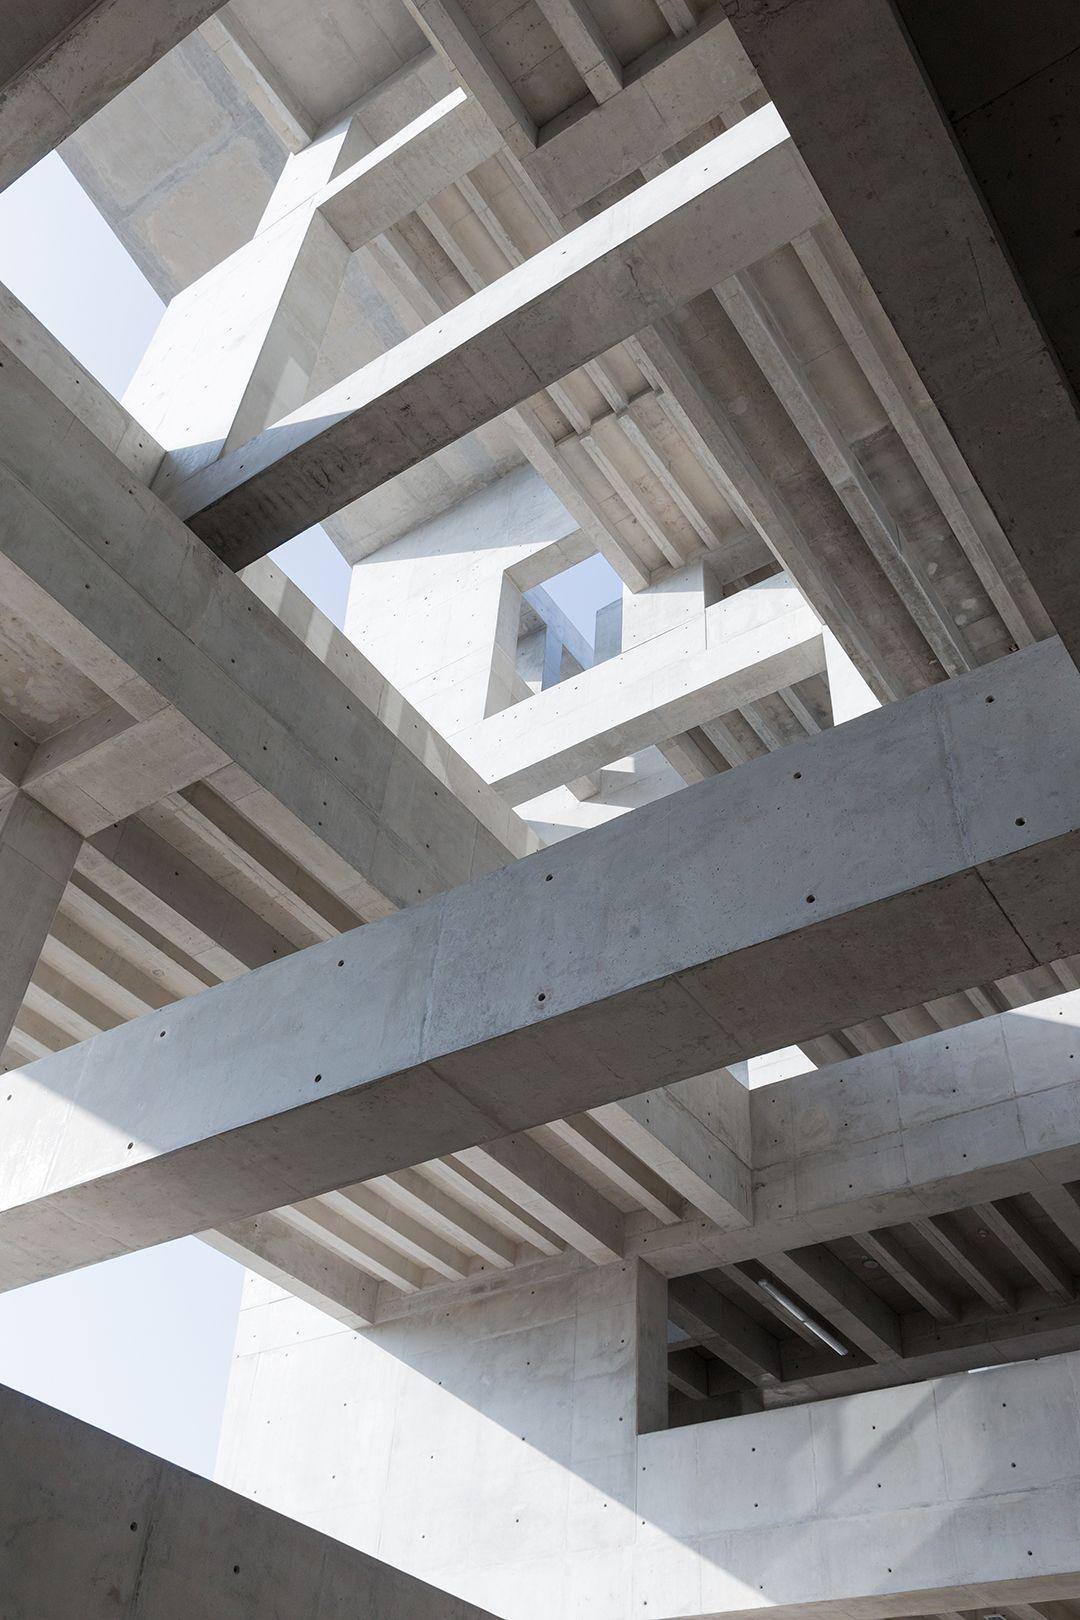 Vista Interior de la nueva sede de la UTEC por Grafton Architects y Shell Arquitectos. Fotografía © Iwan Baan. Imagen cortesía de los MCHAP.